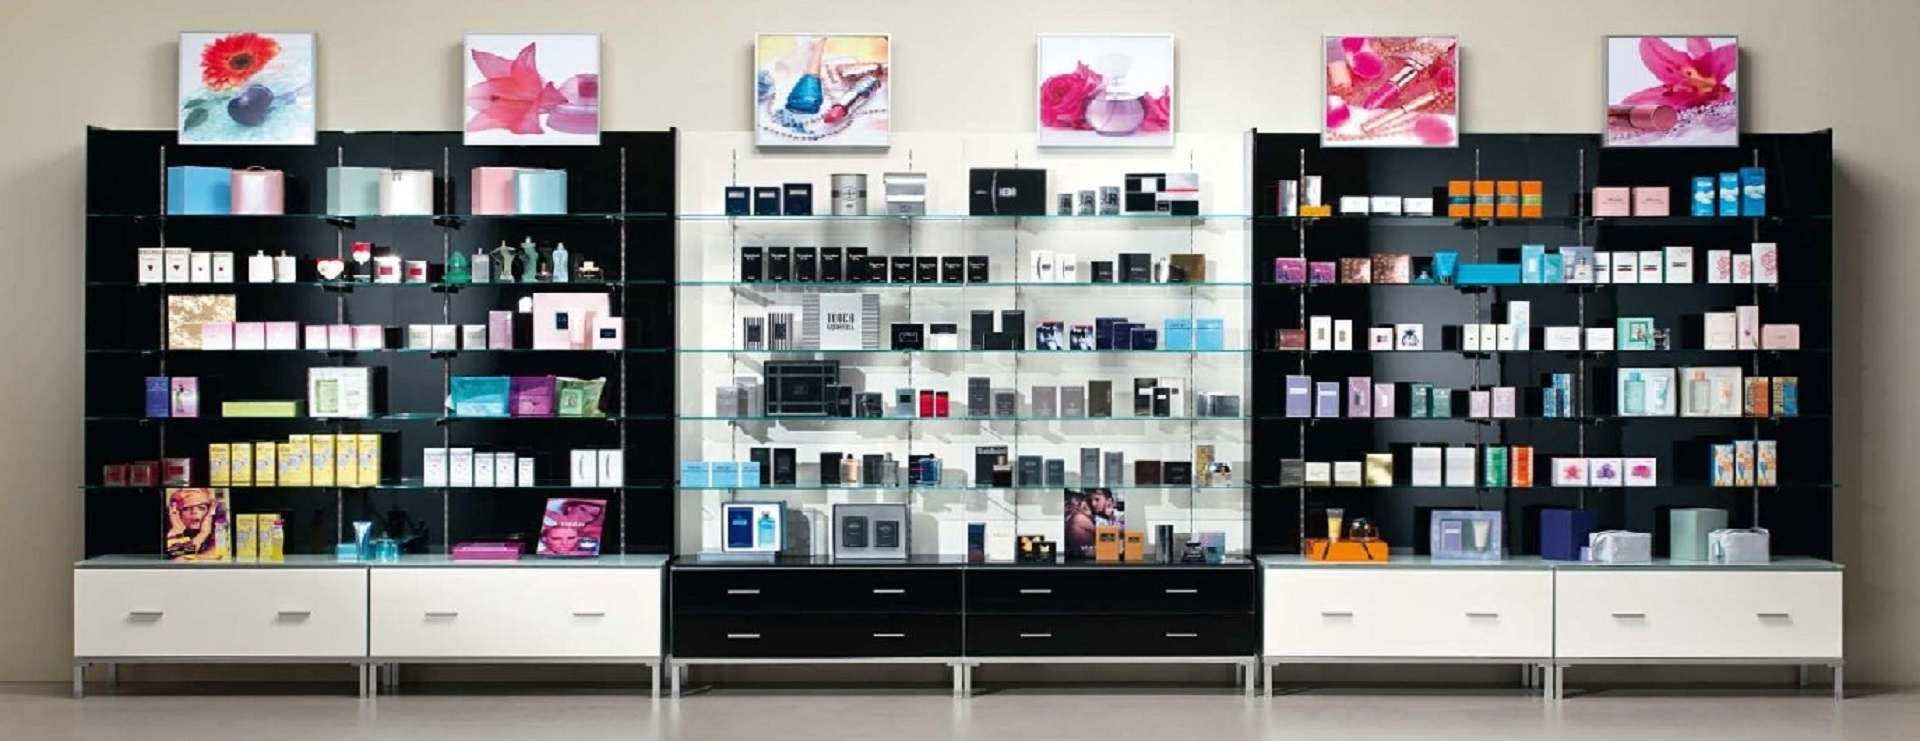 Arredamento per negozi a lecce arredamento centri for Arredamento spa e centri benessere